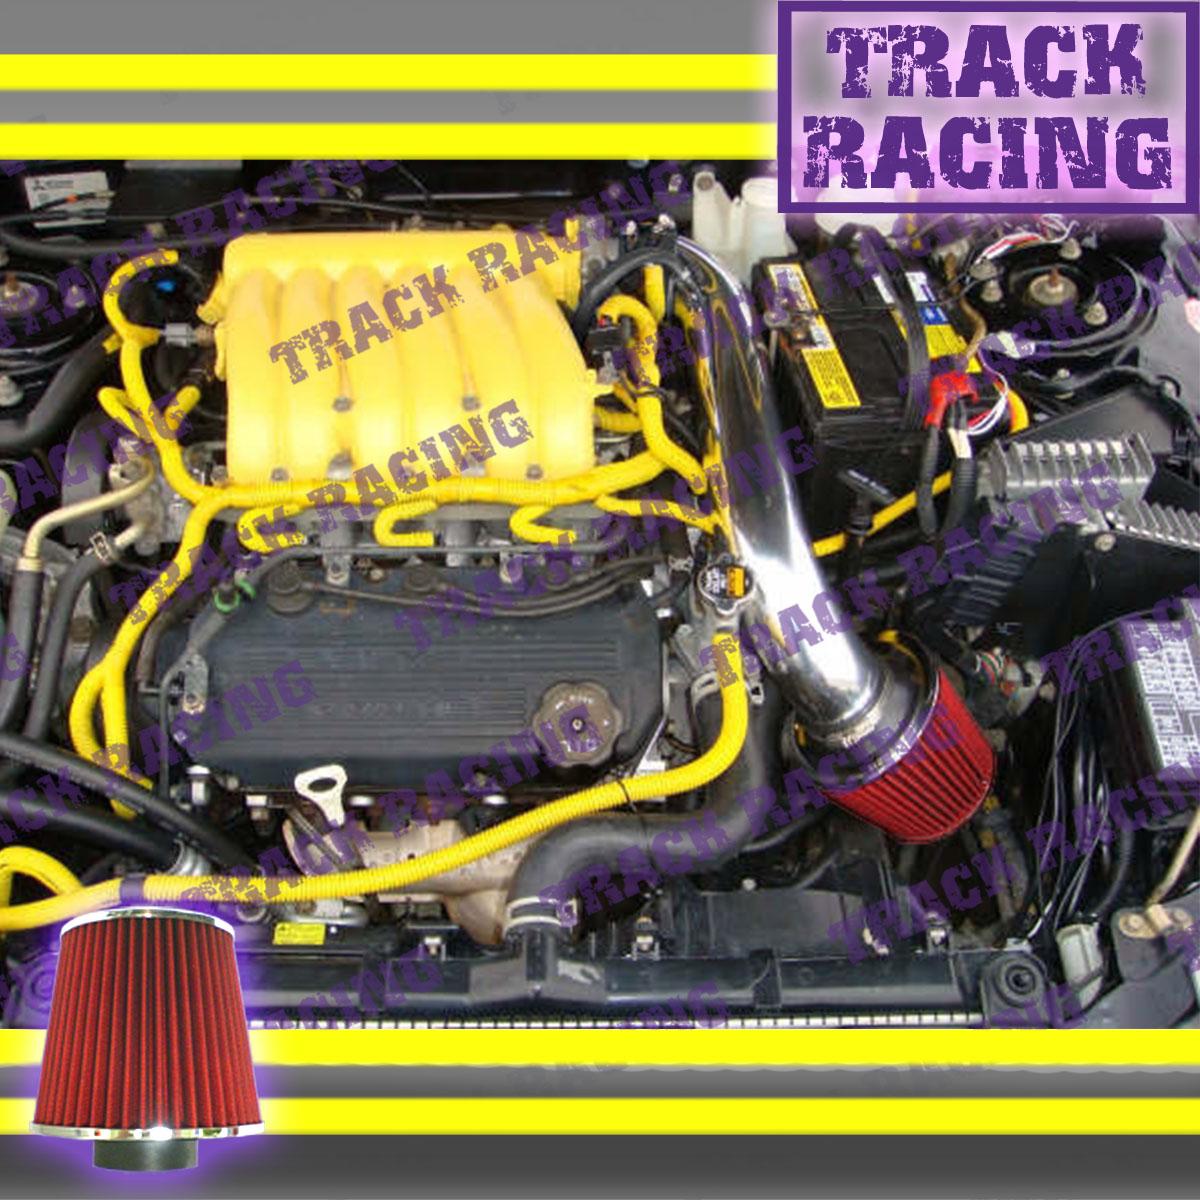 95-00 DODGE AVENGER CHRYSLER SEBRING 2.0L 2.5L COLD AIR INTAKE KIT Black Red